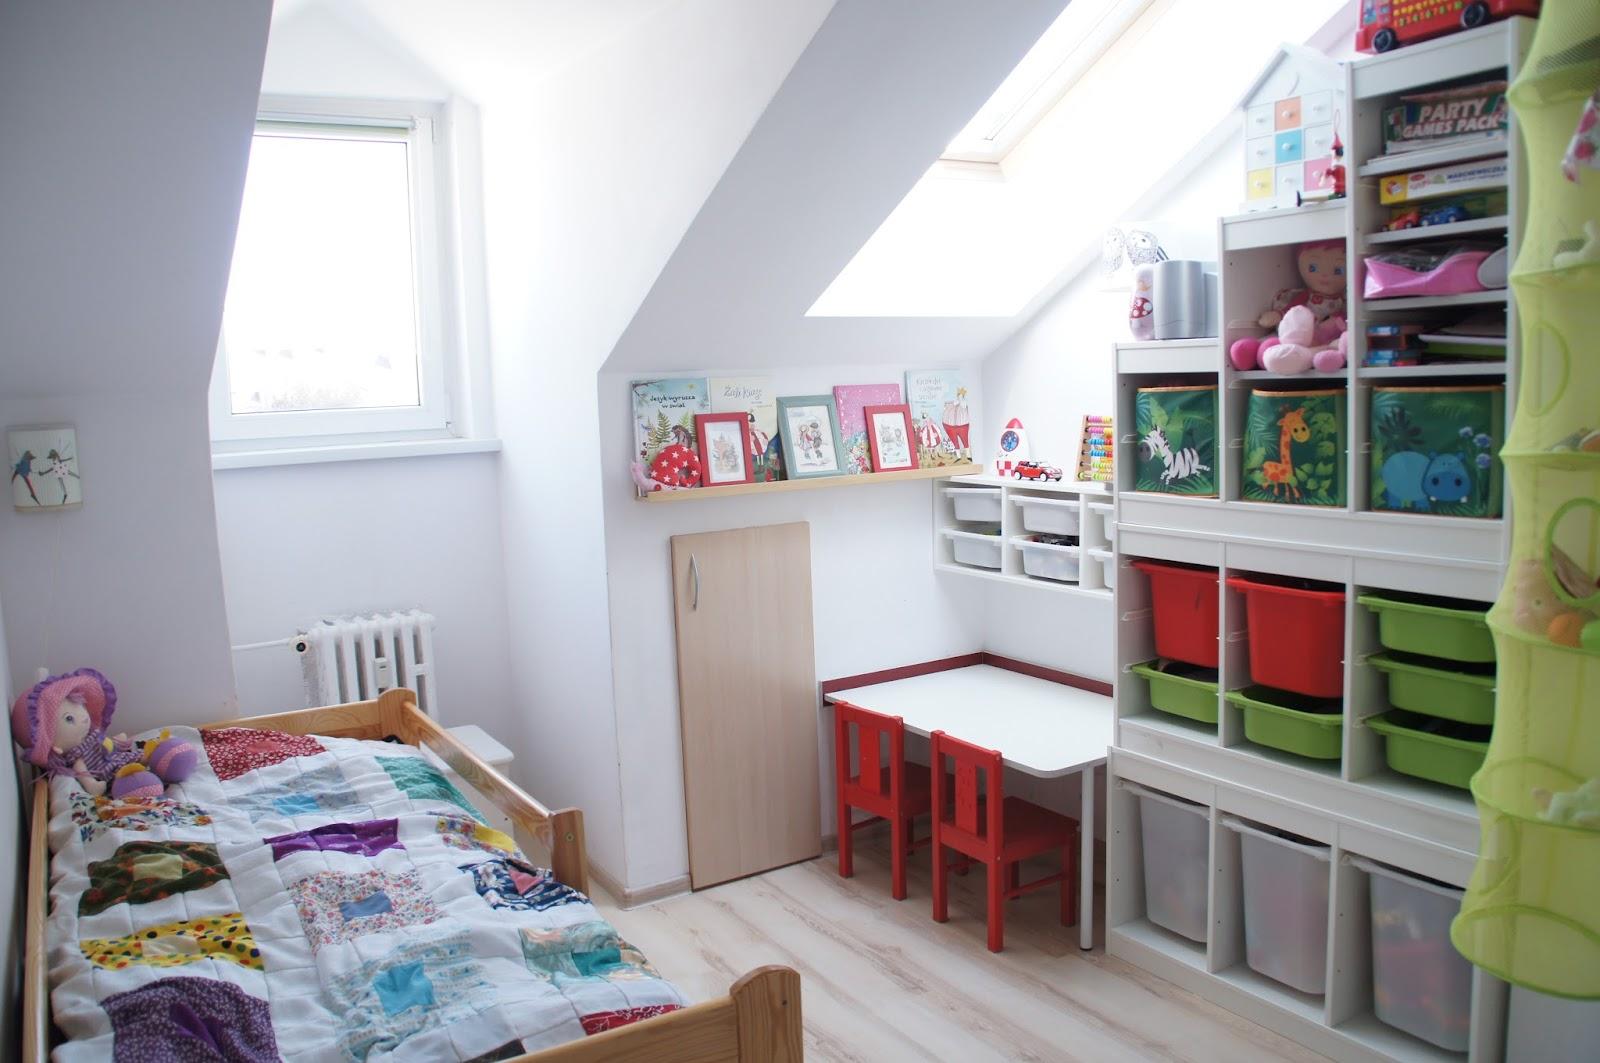 Pokój Dzieci Kids Room Ikea Trofast Tanasza